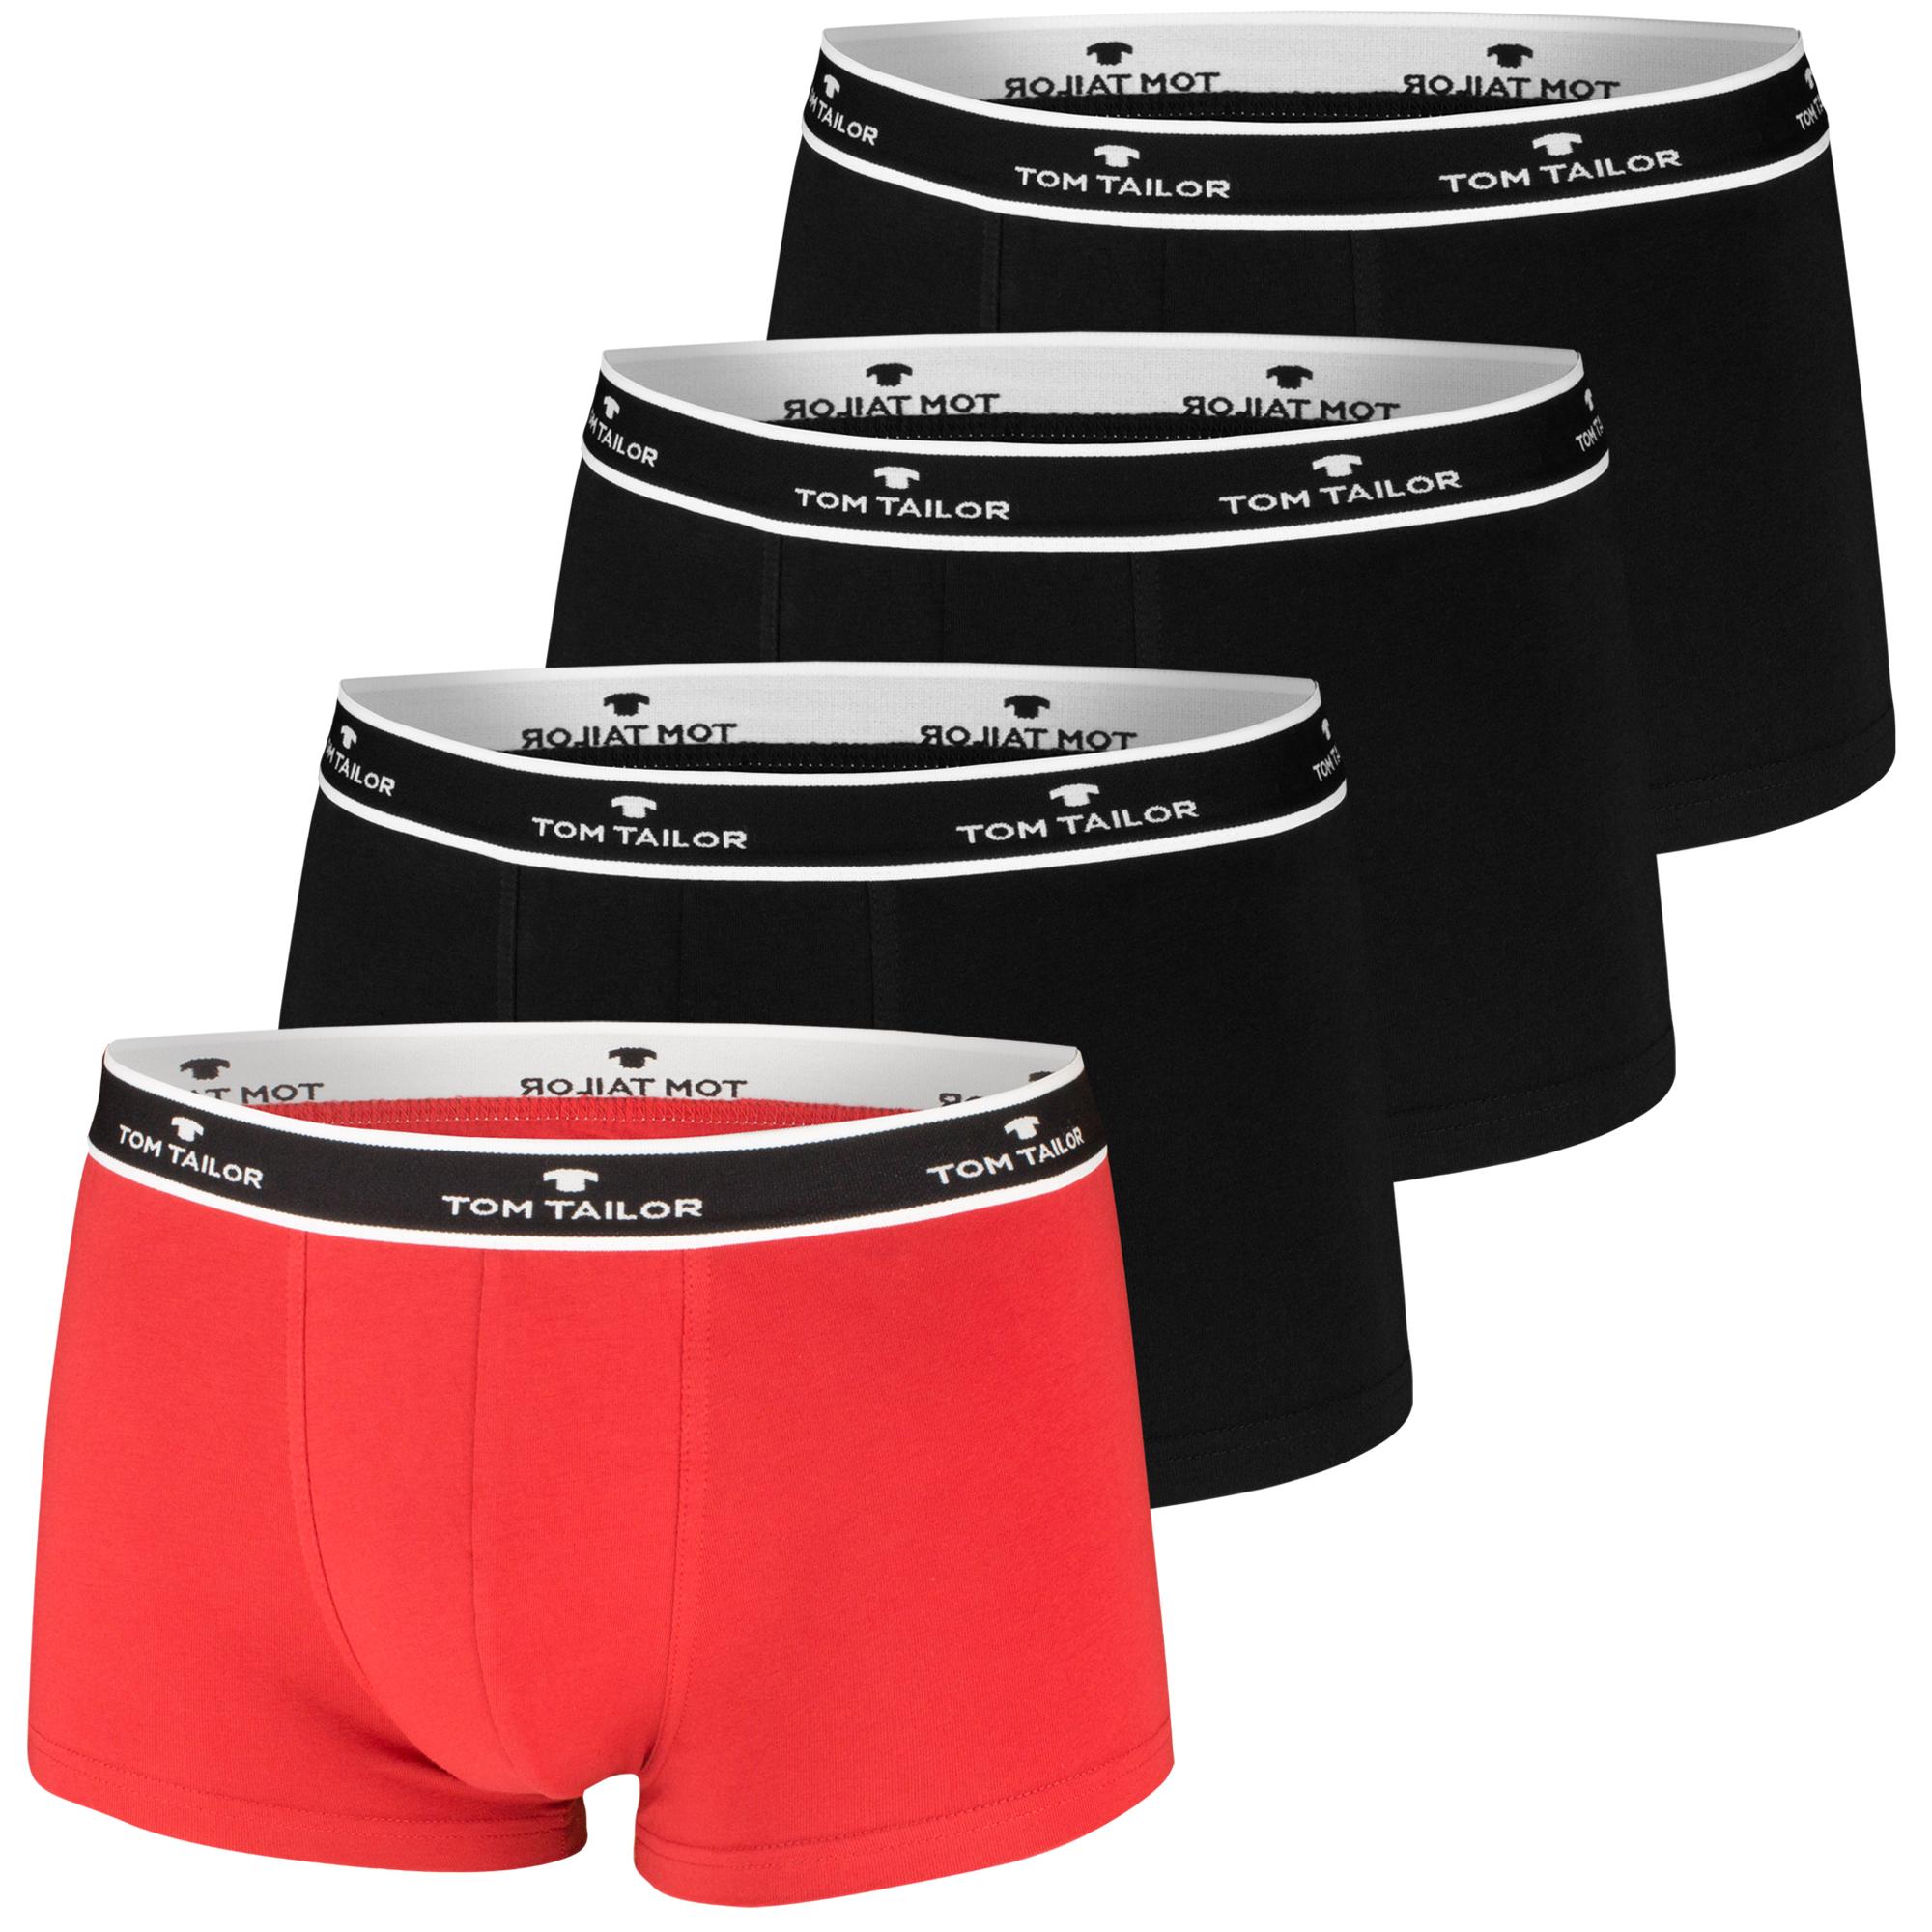 Tom Tailor Boxershorts, 4 Stück, viele Farben – Bild 8